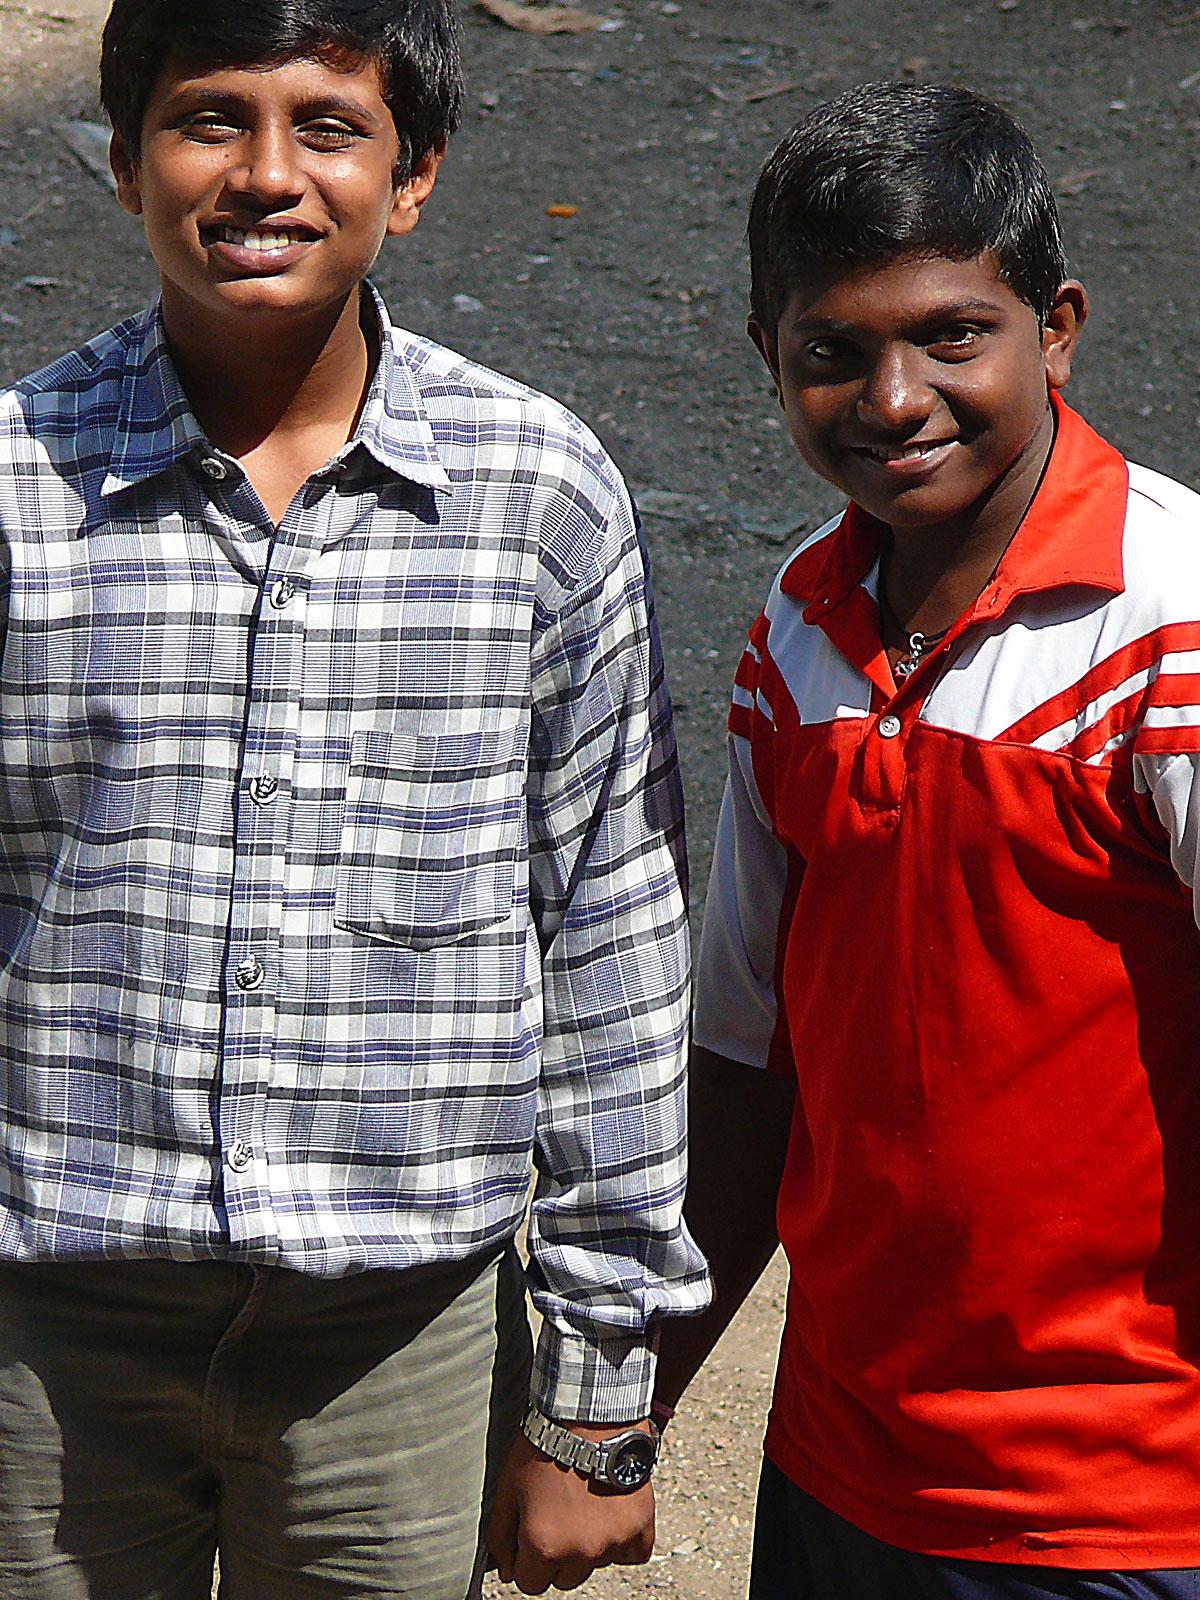 INDIEN MUMBAI Menschen Wohnen FINEST-onTour P1030371.jpg